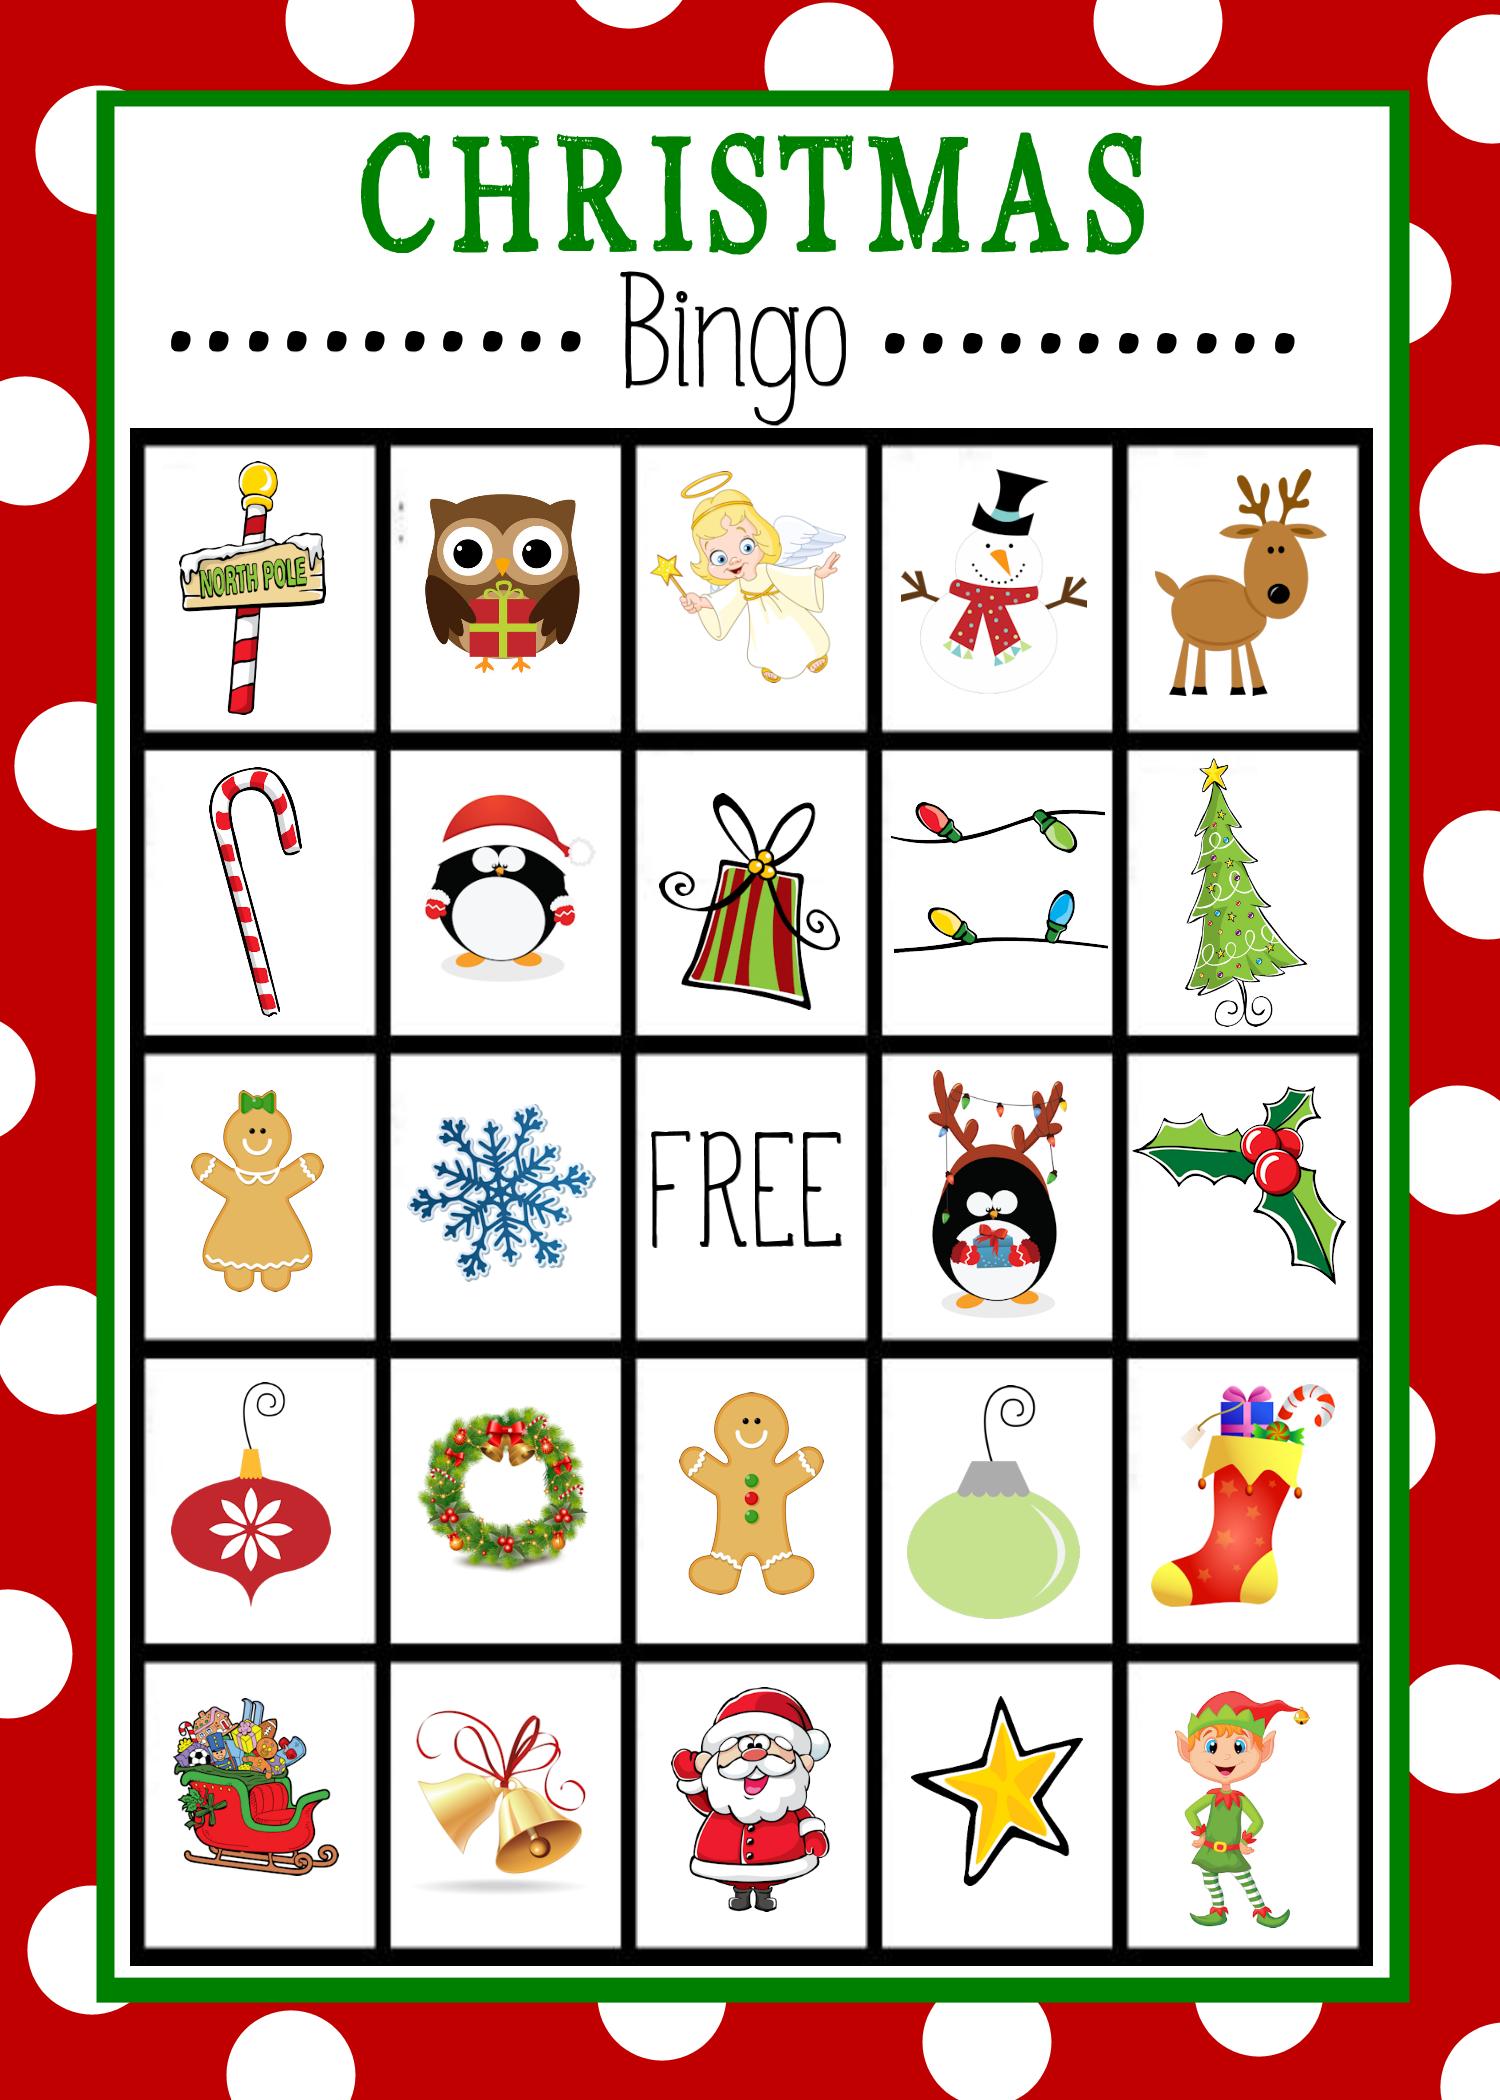 Free Printable Christmas Bingo Game | Christmas | Christmas Bingo - Free Printable Christmas Board Games